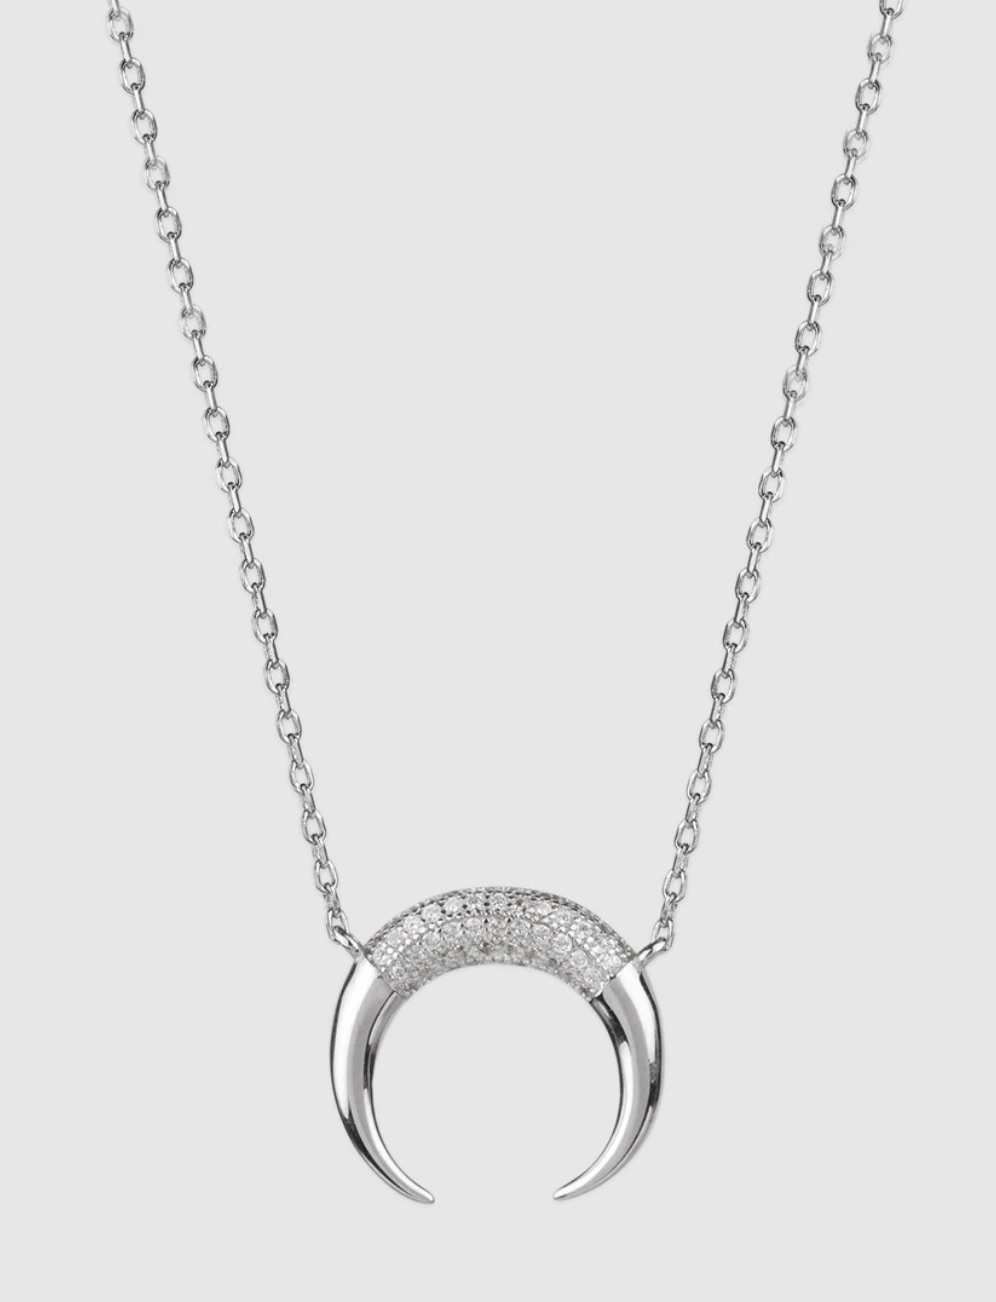 Collar en plata de ley 925 milésimas chapada en rodio, con un diseño de una media luna.